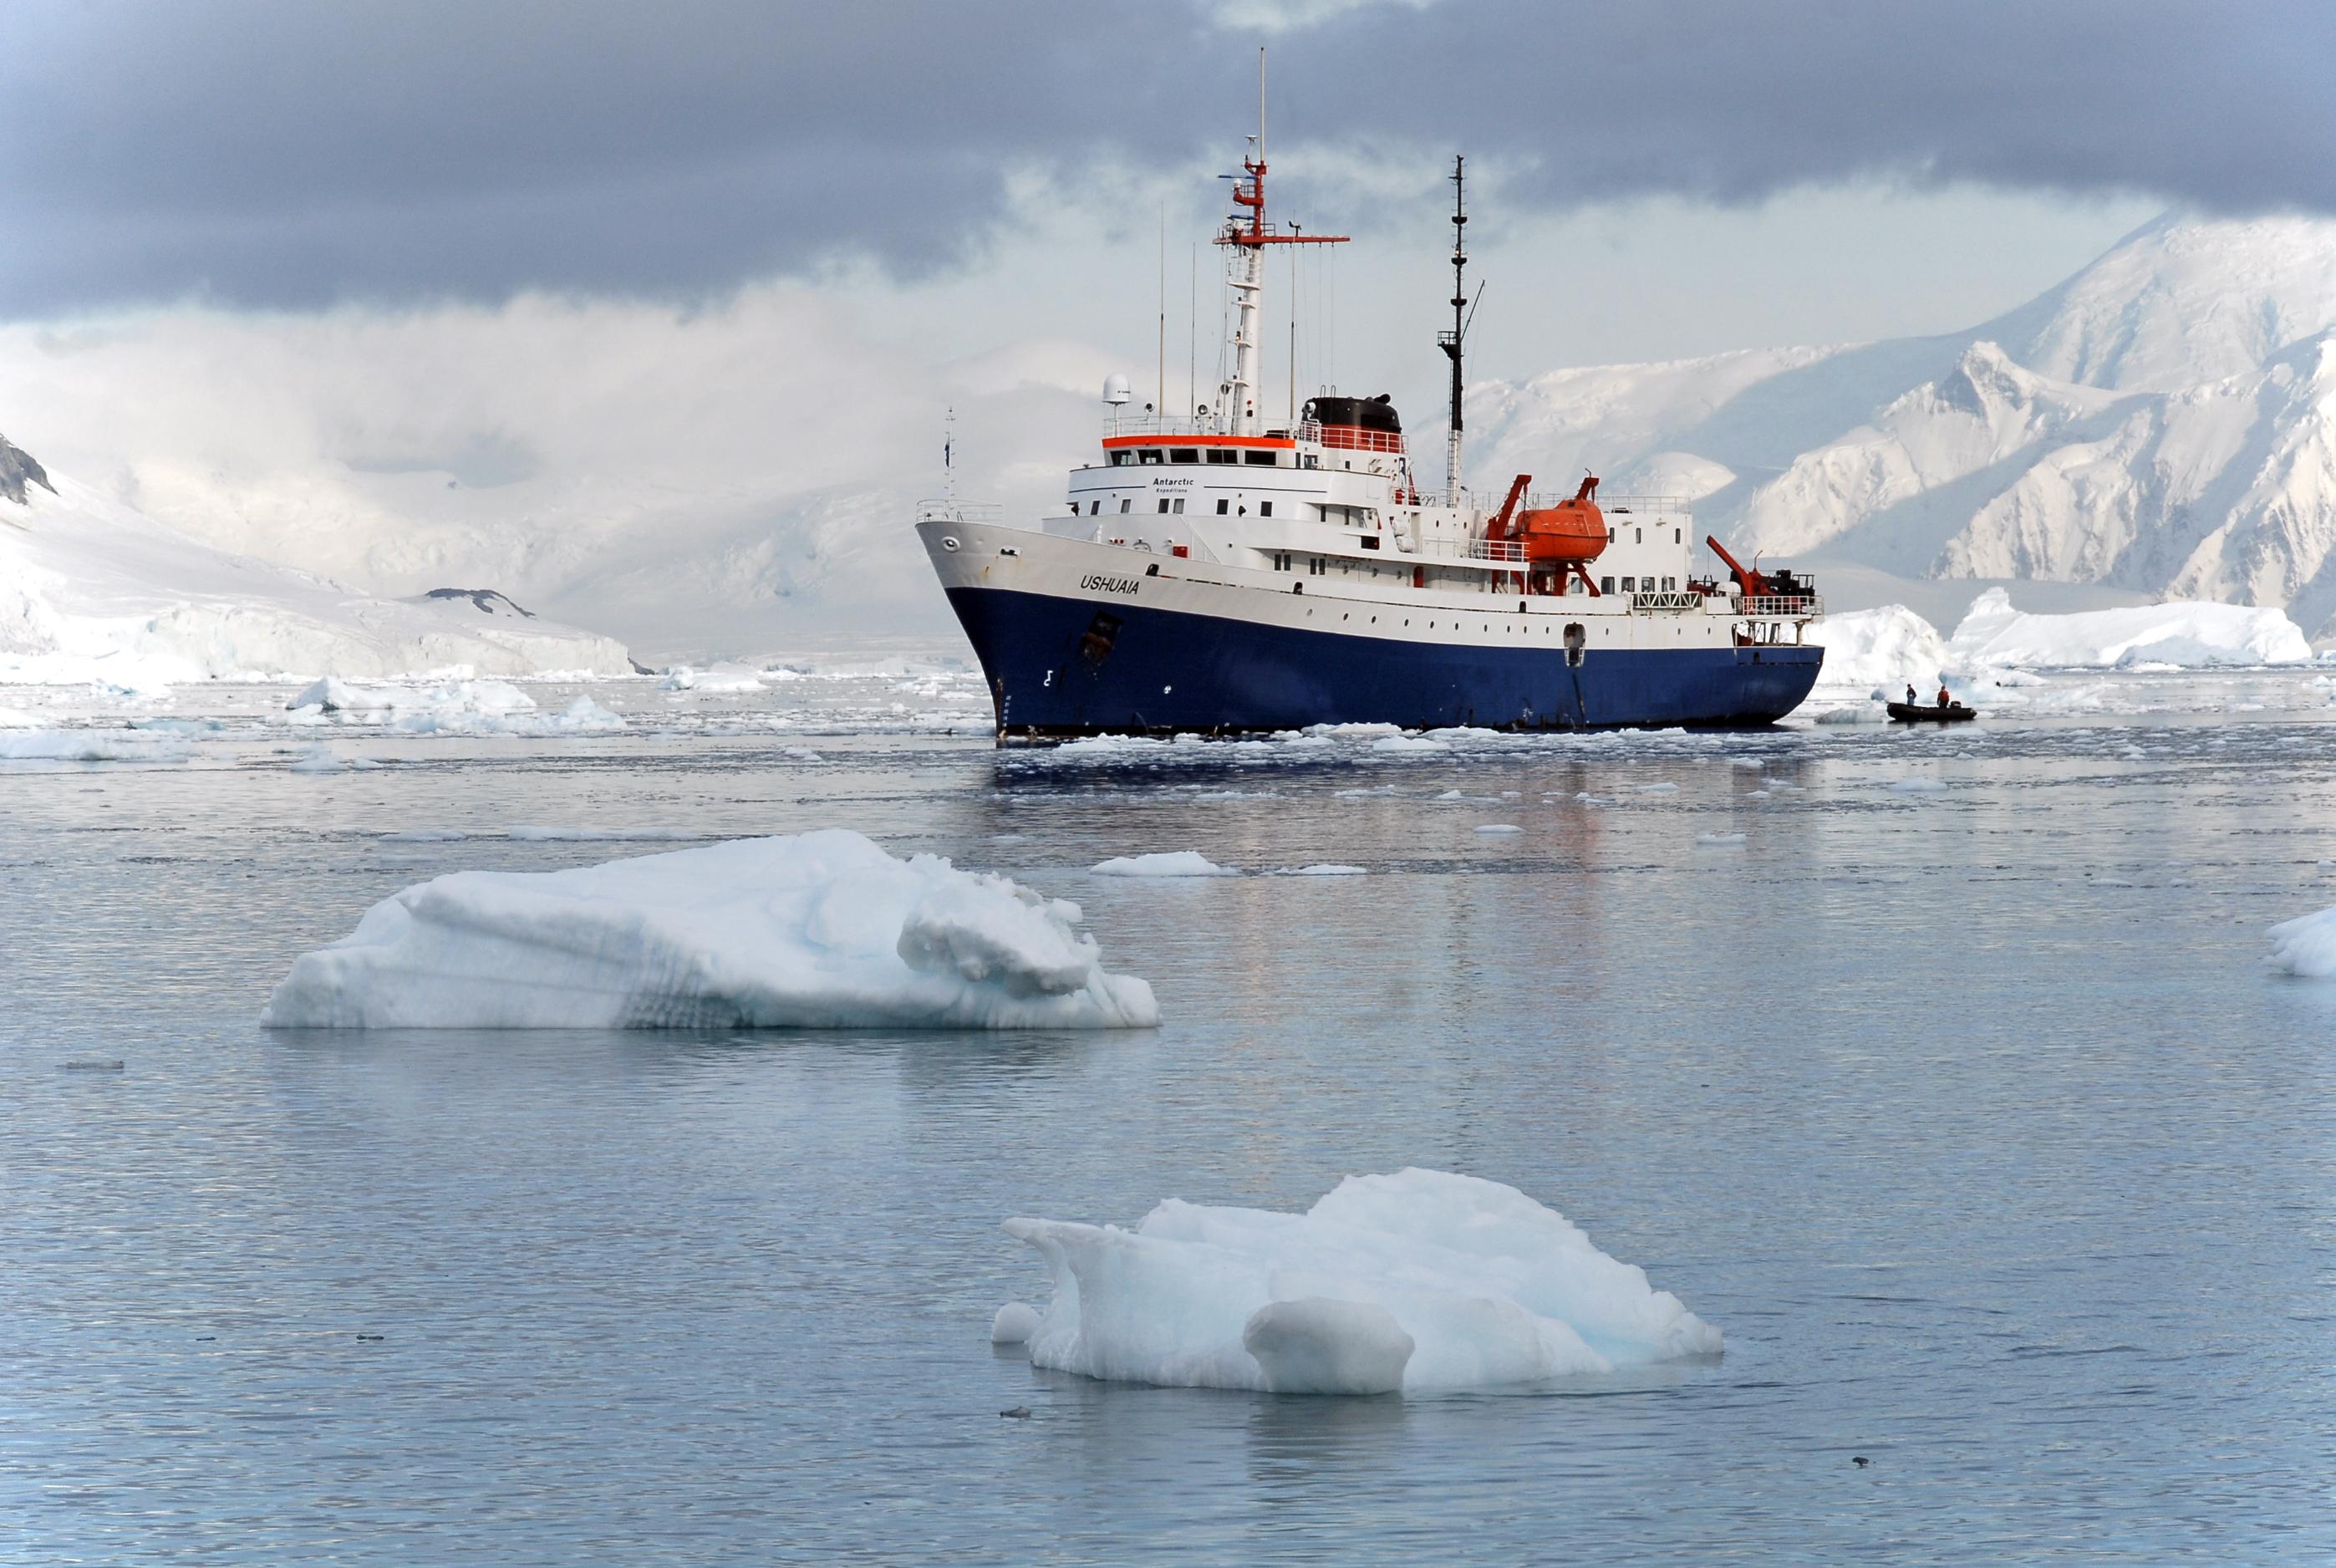 Cruise to Antarctica aboard the MV Ushuaia